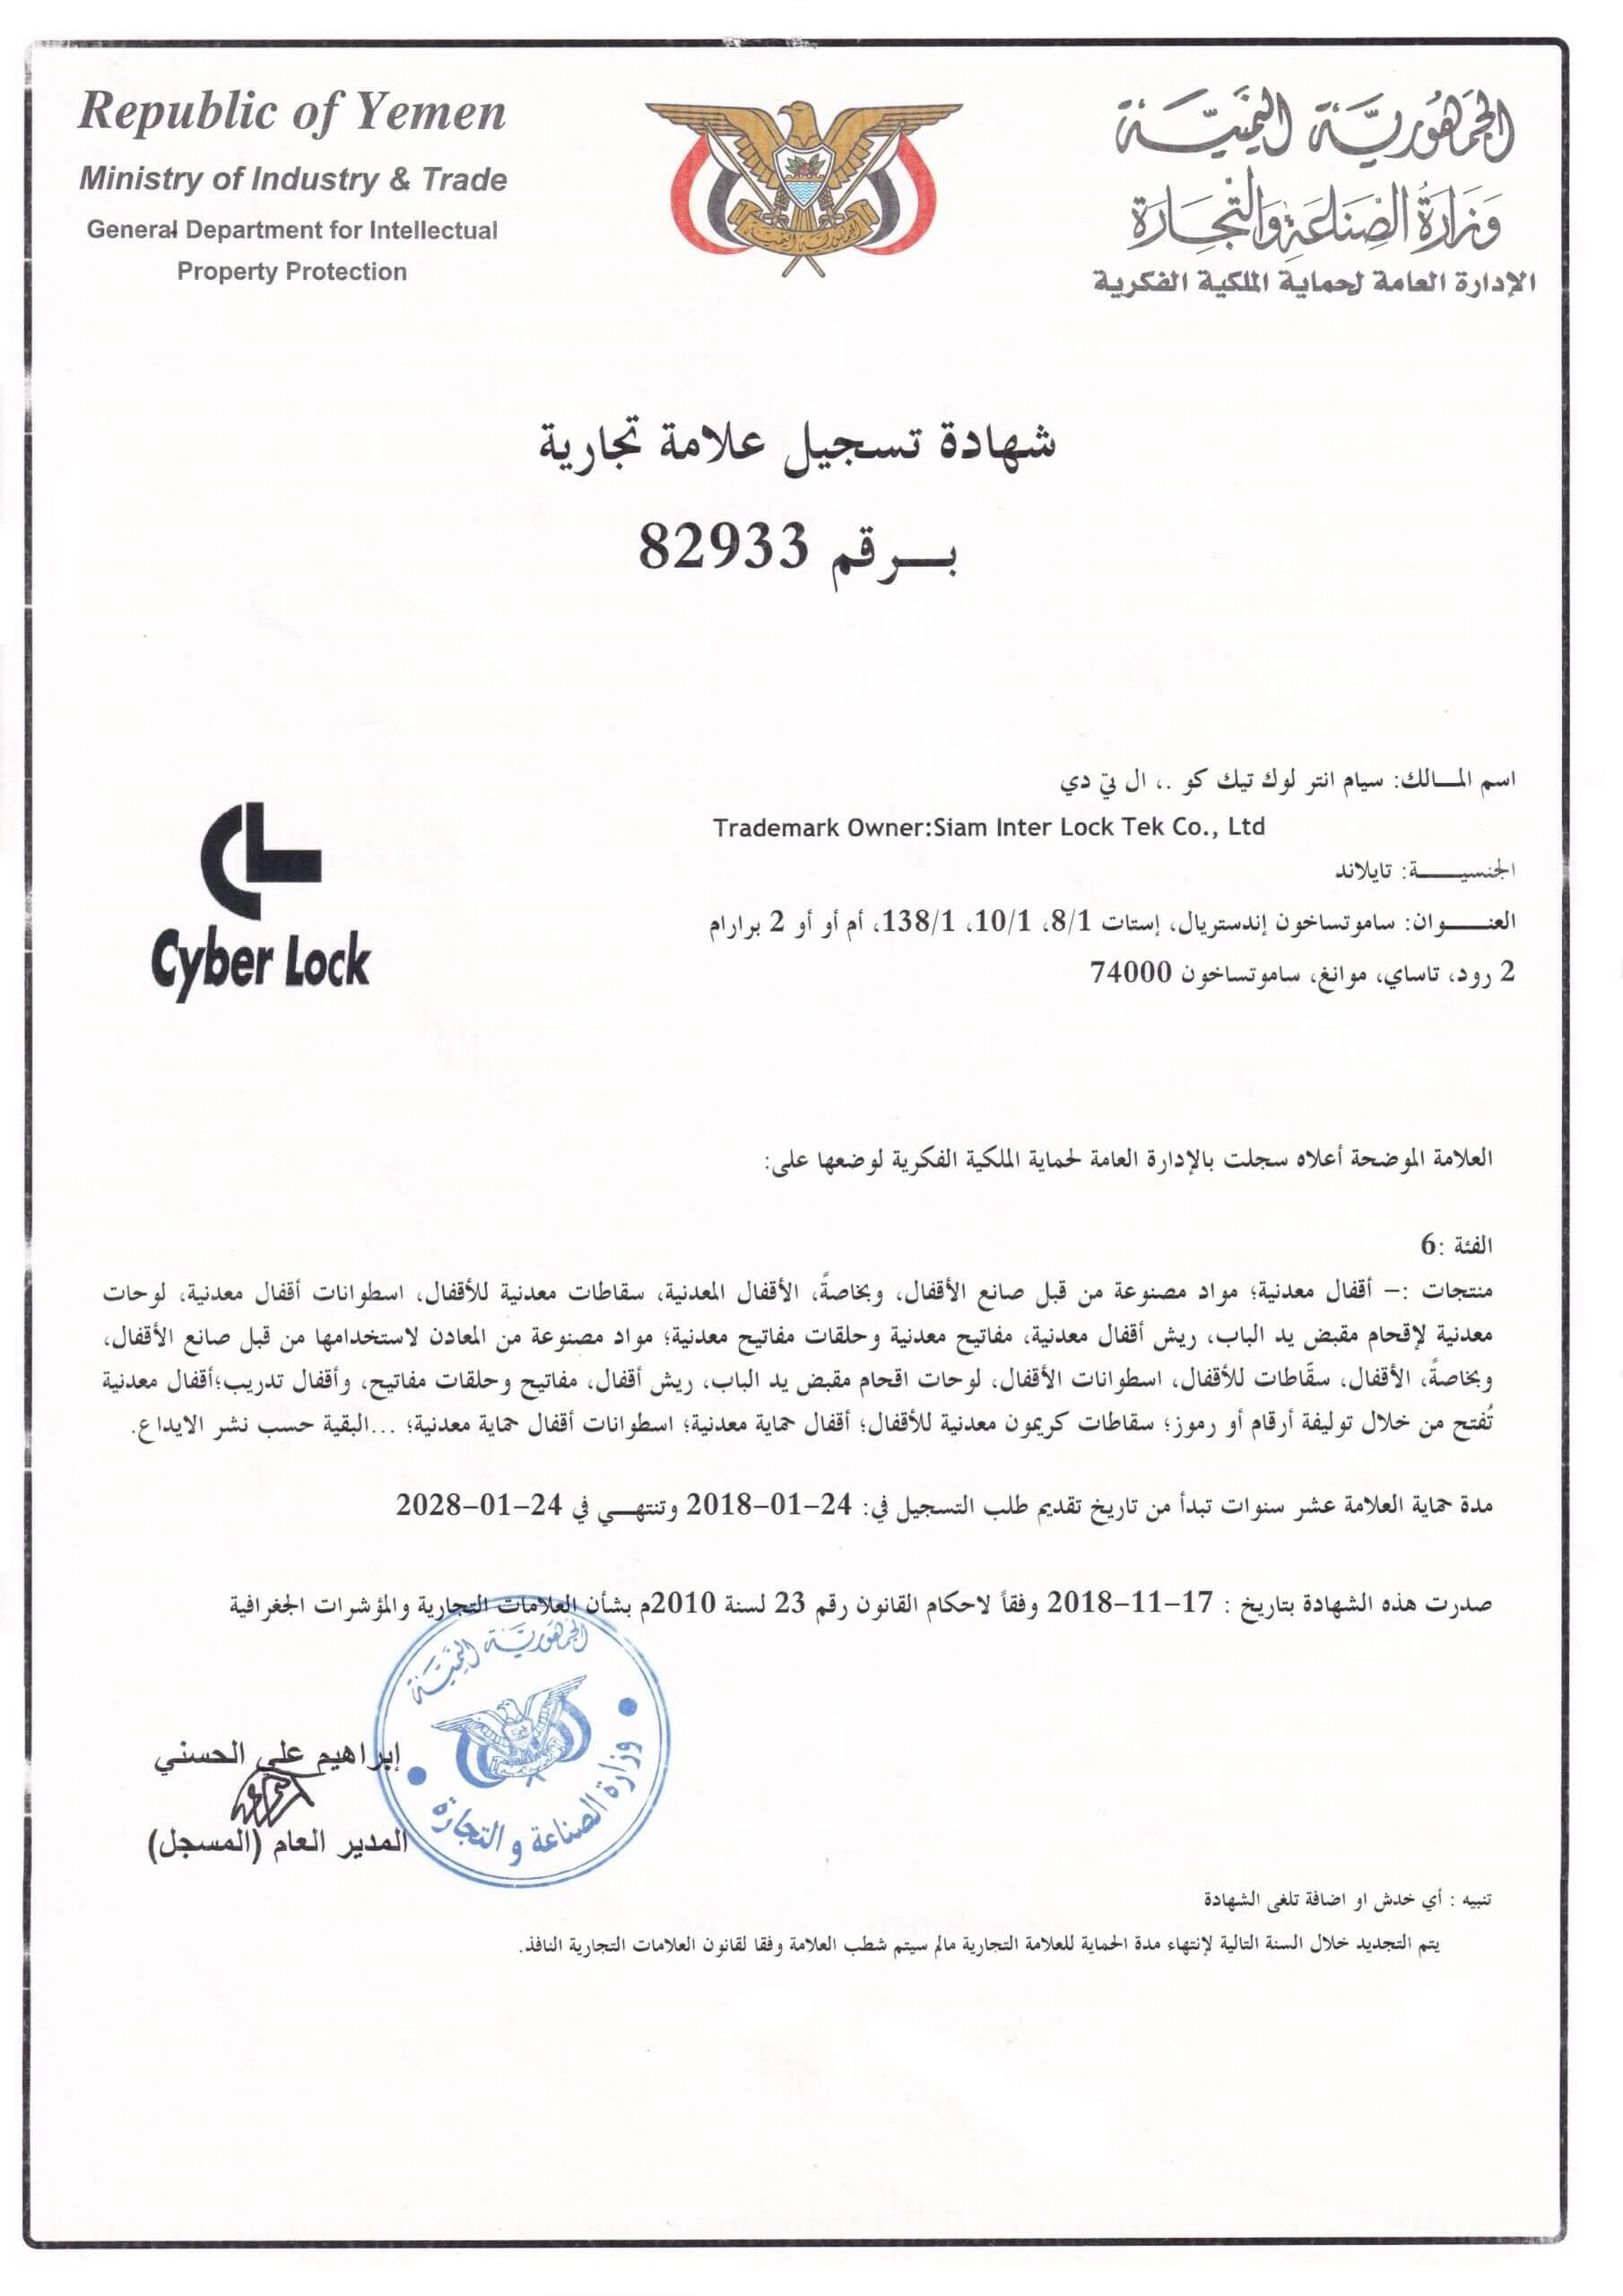 Cyber Lock_Yemen